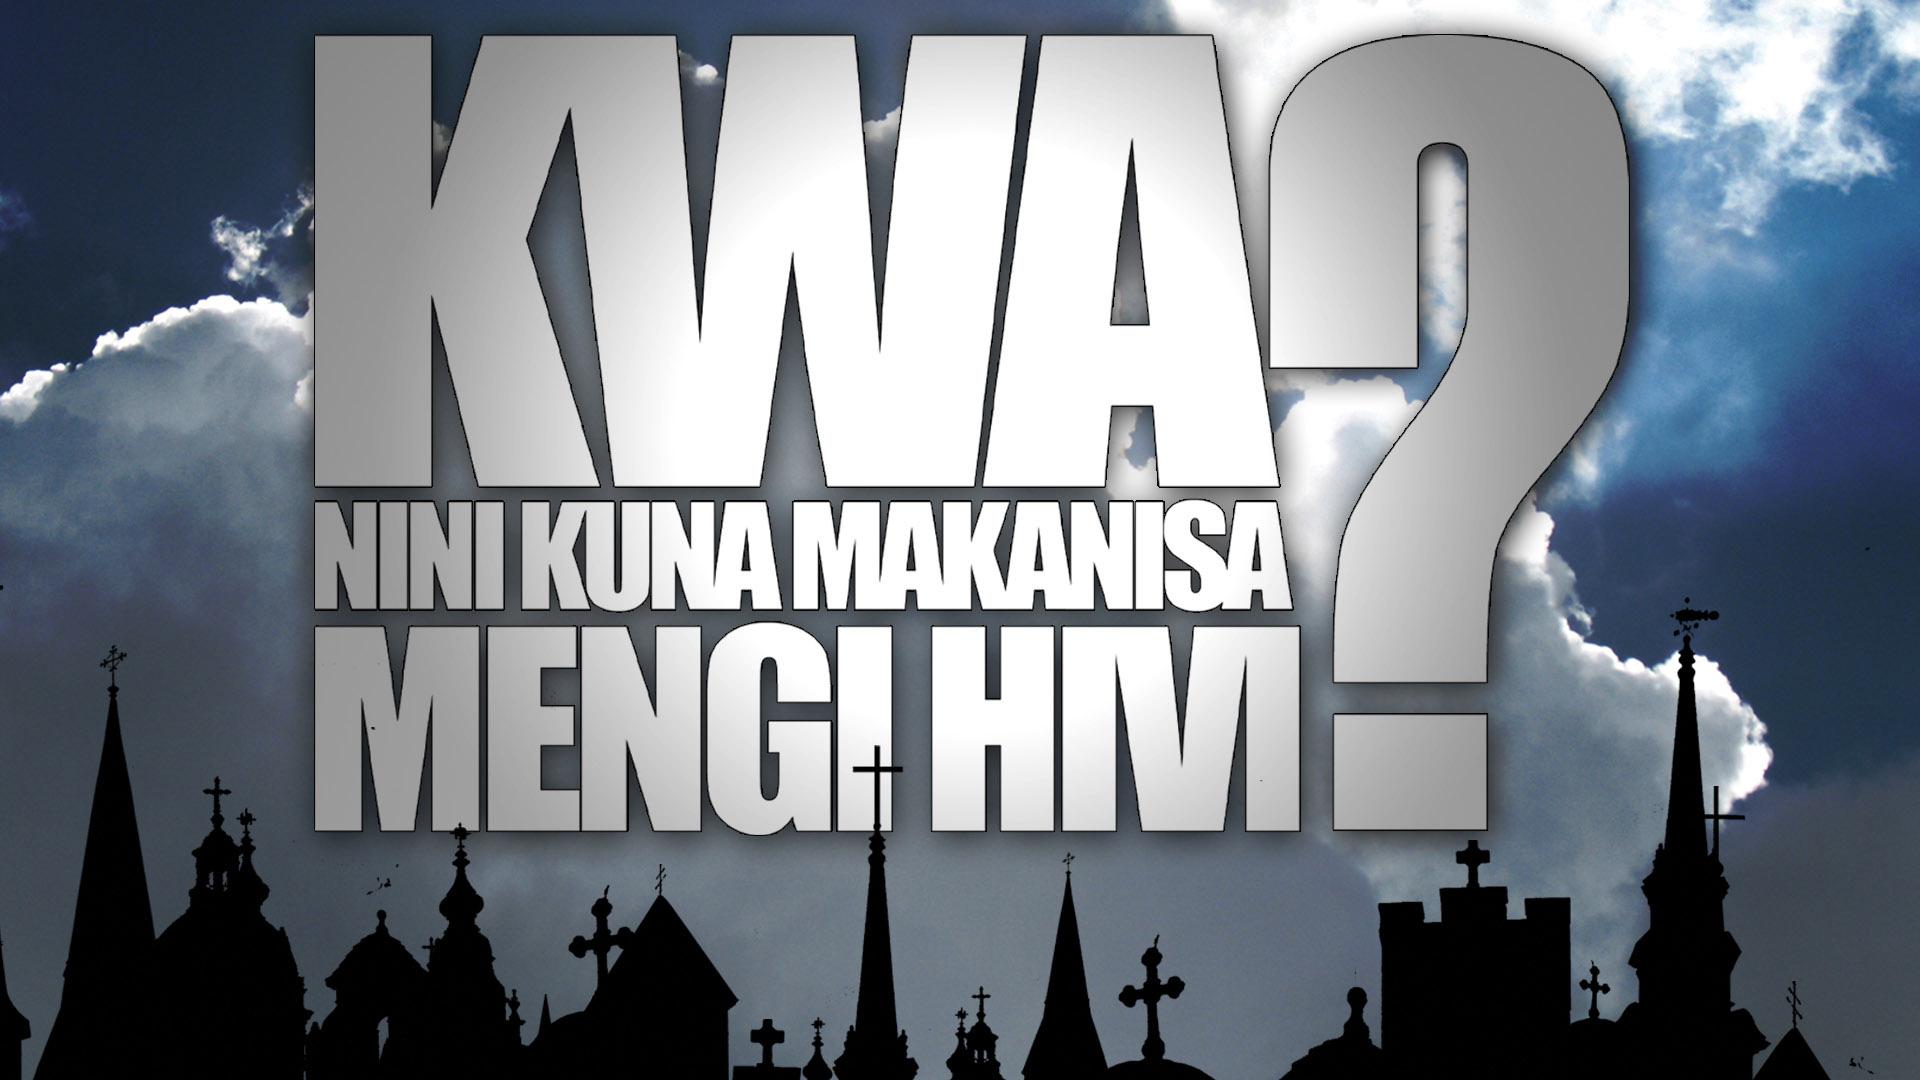 Kwa Nini Kuna Makanisa Mengi Hivi? (Why Are There So Many Churches?) - Swahili Version